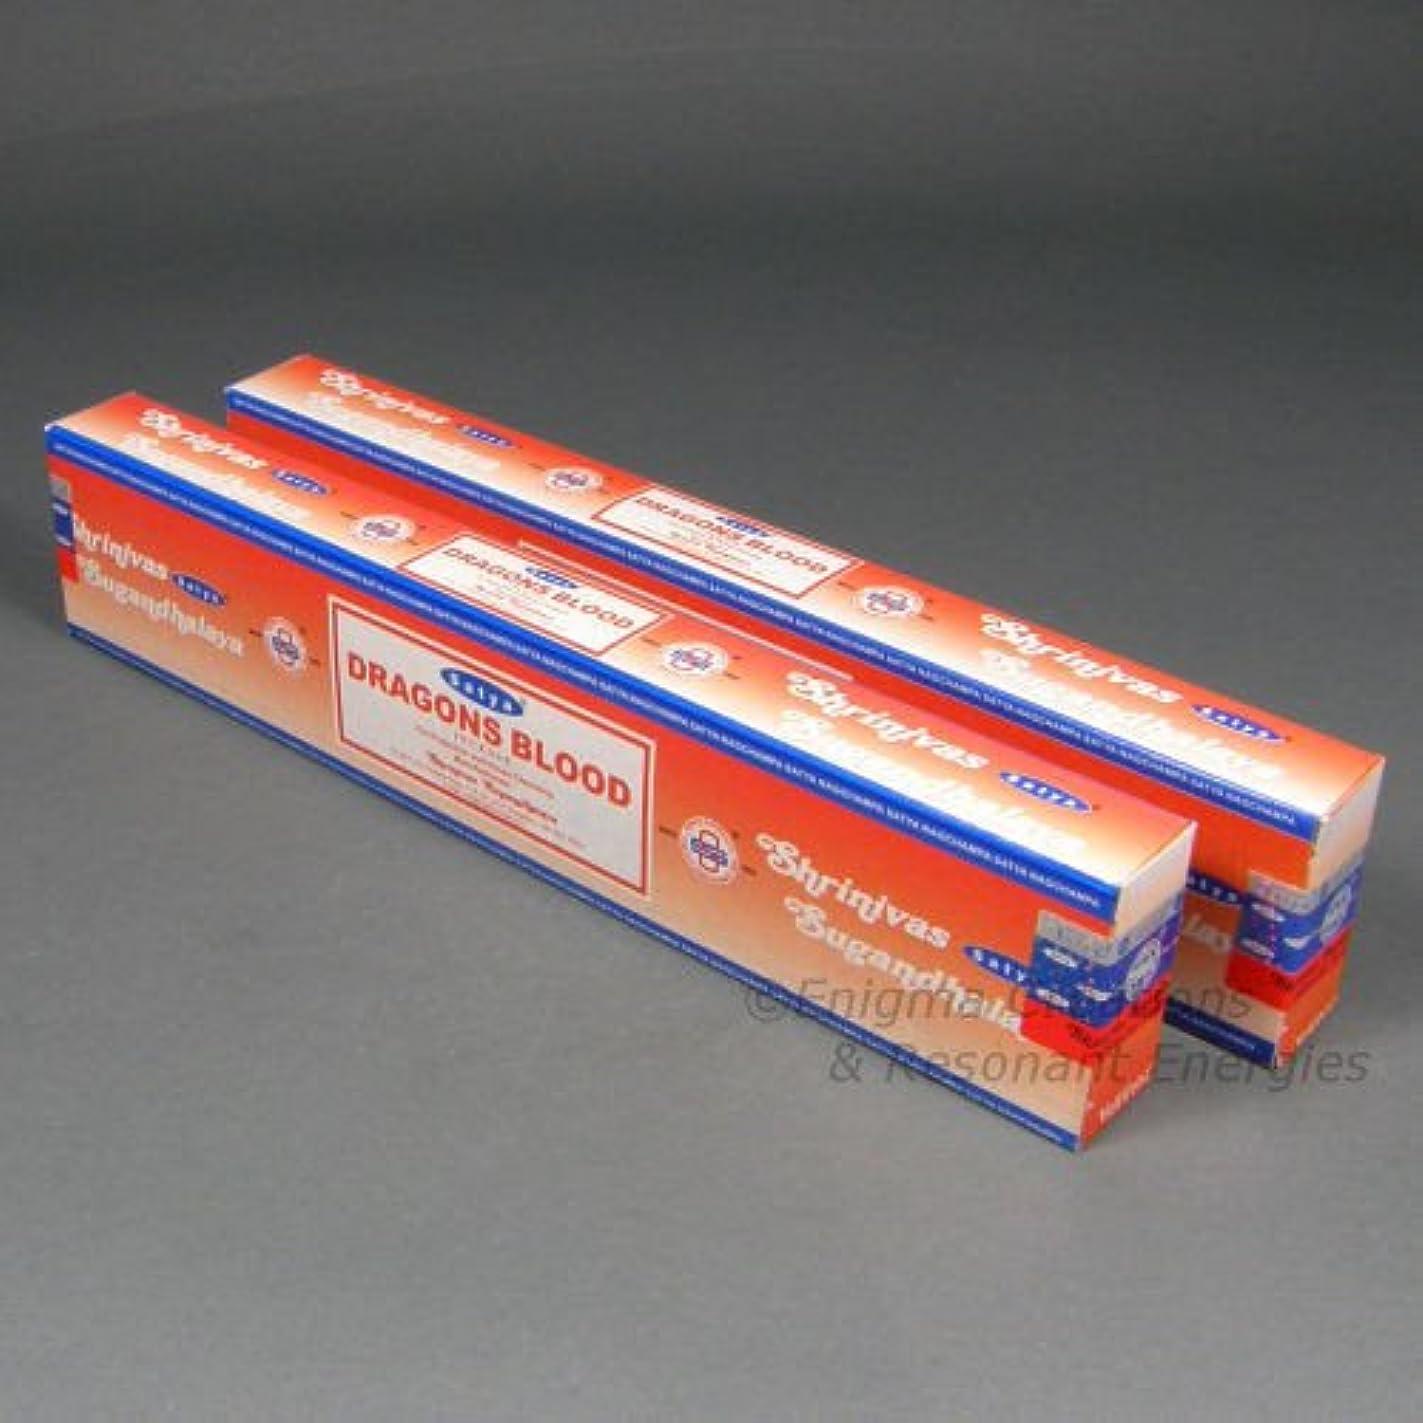 飢饉ストラップデータムSatya Dragon 's Blood Incense Sticks, 2 x 15グラムボックス、合計30グラム – (in239 )